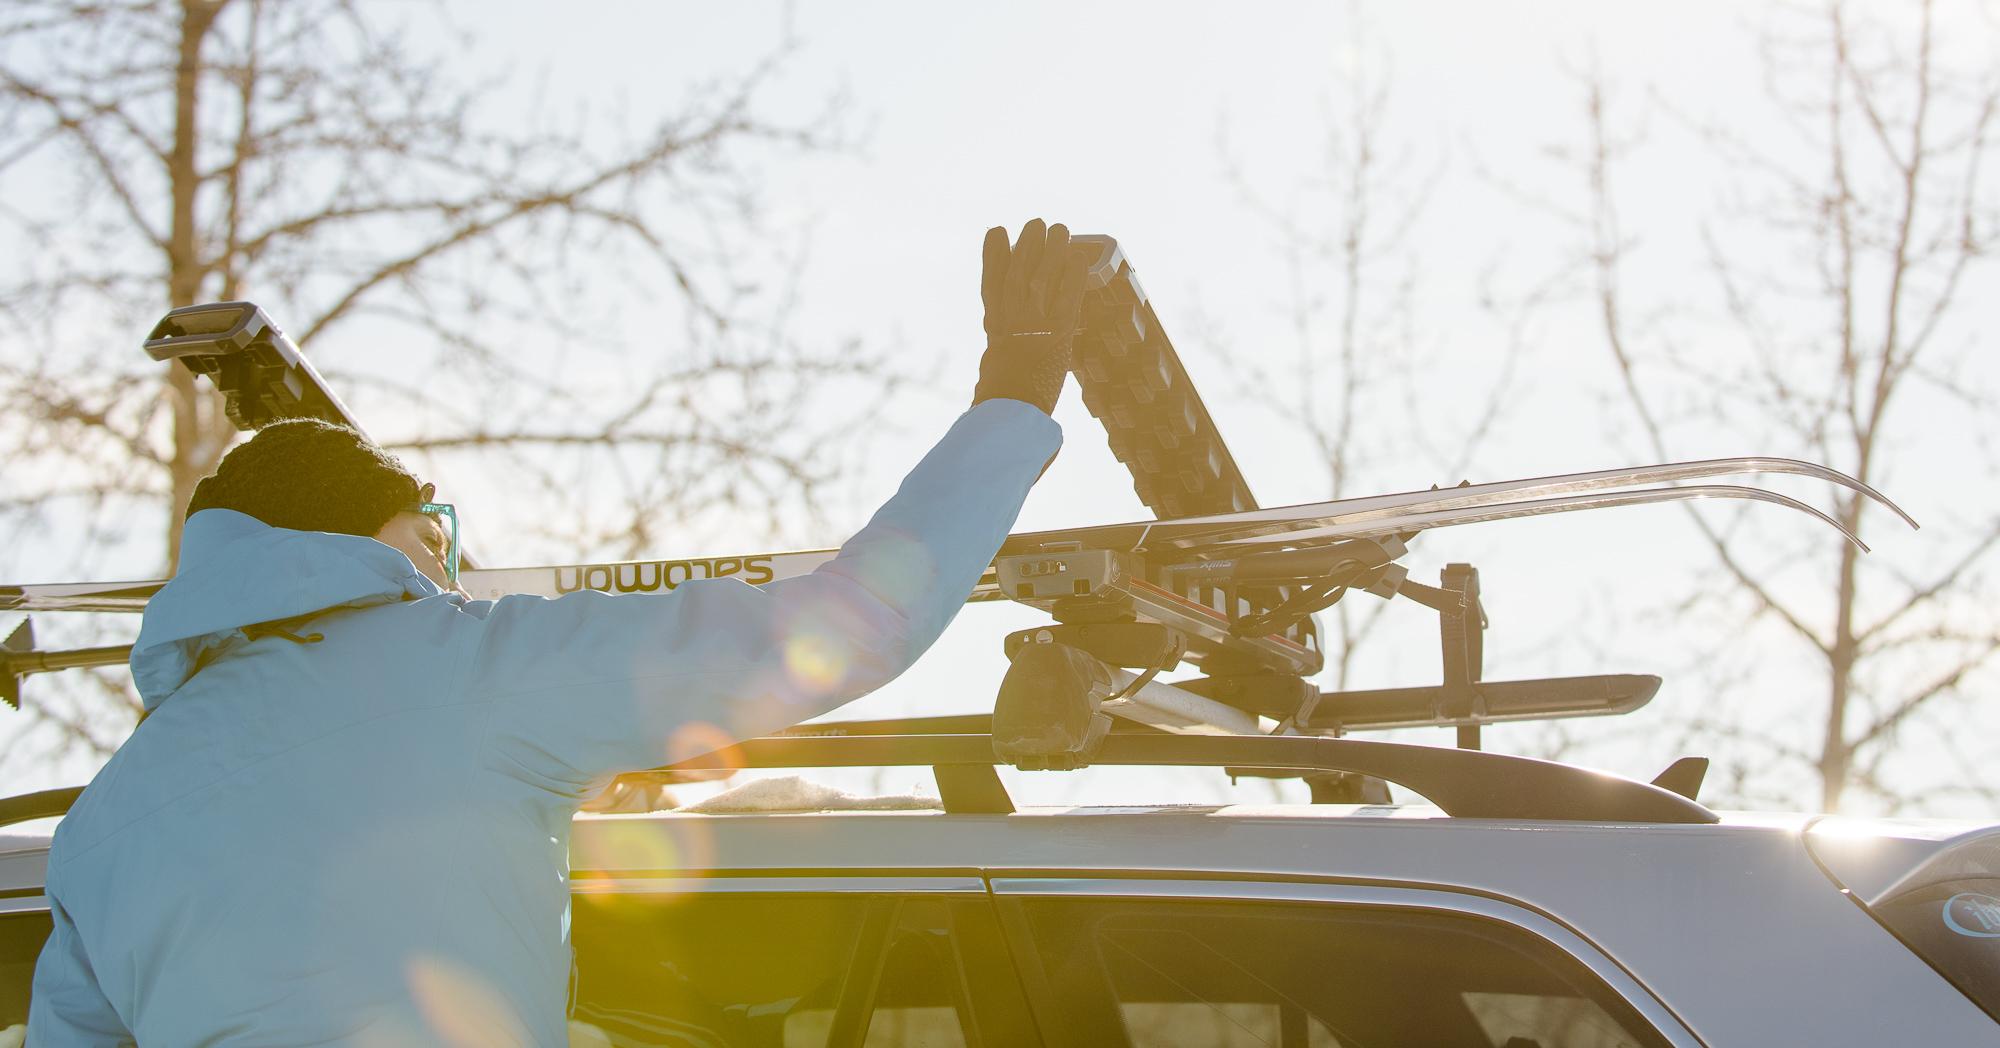 ski rack riding the rivet